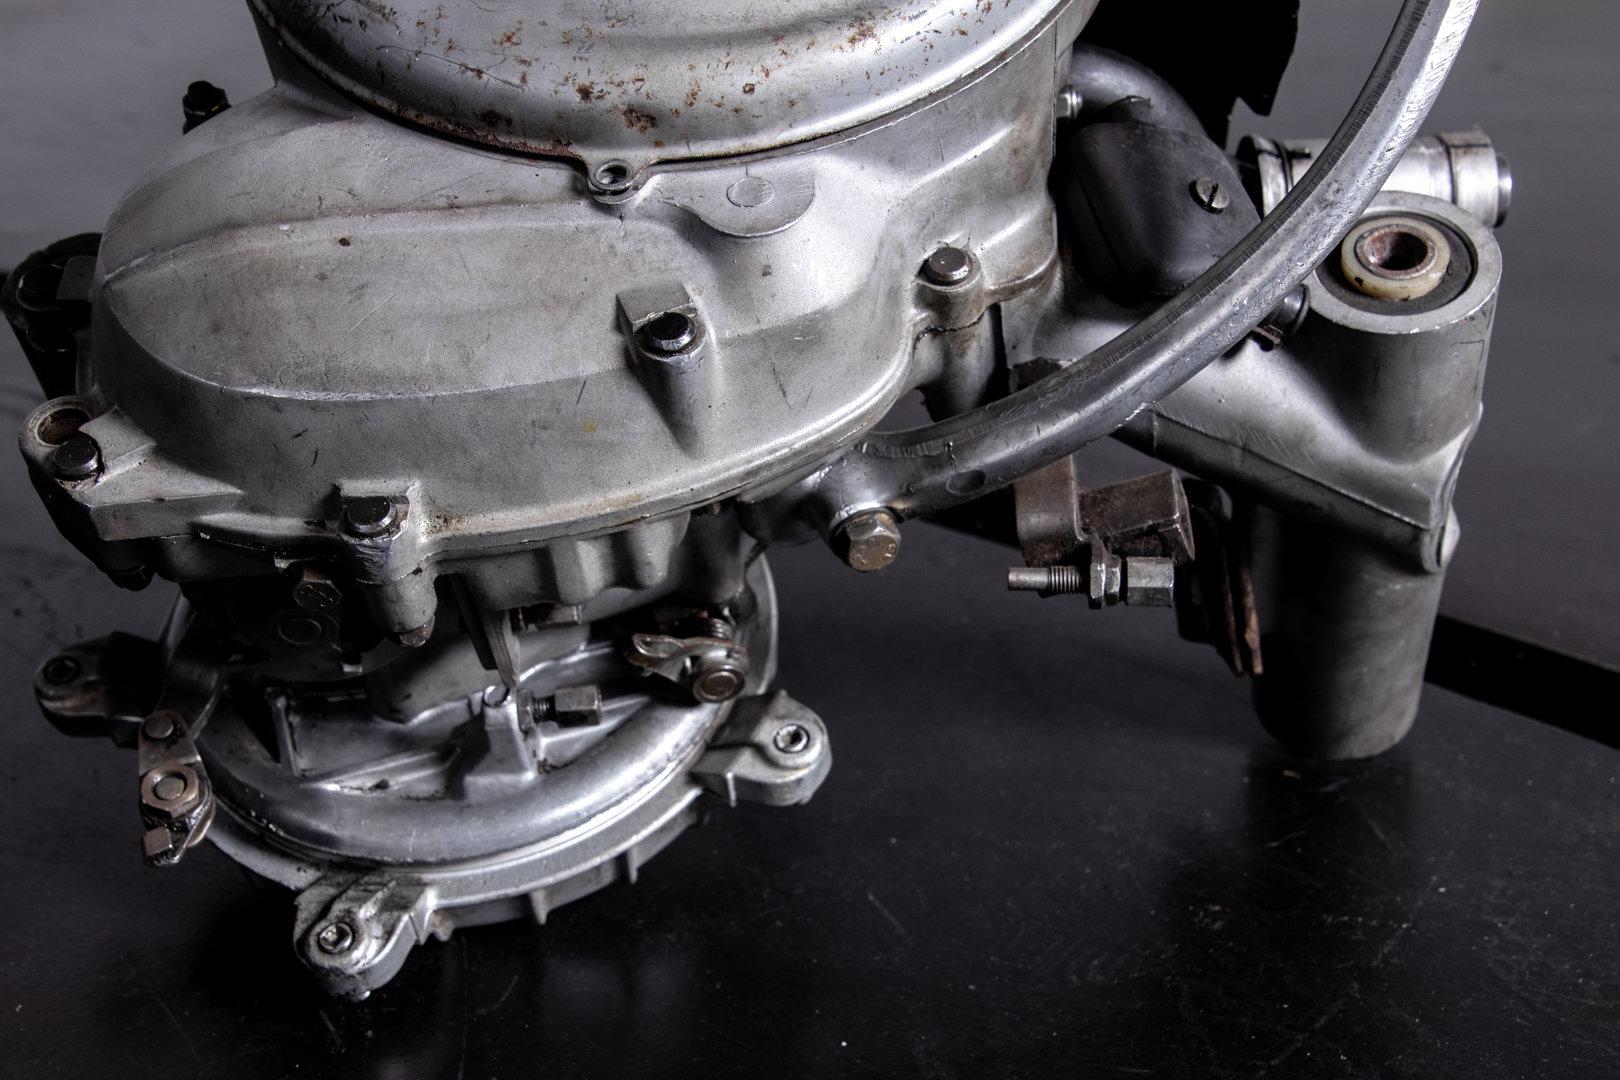 1950 Piaggio Vespa Engine For Sale (picture 3 of 7)